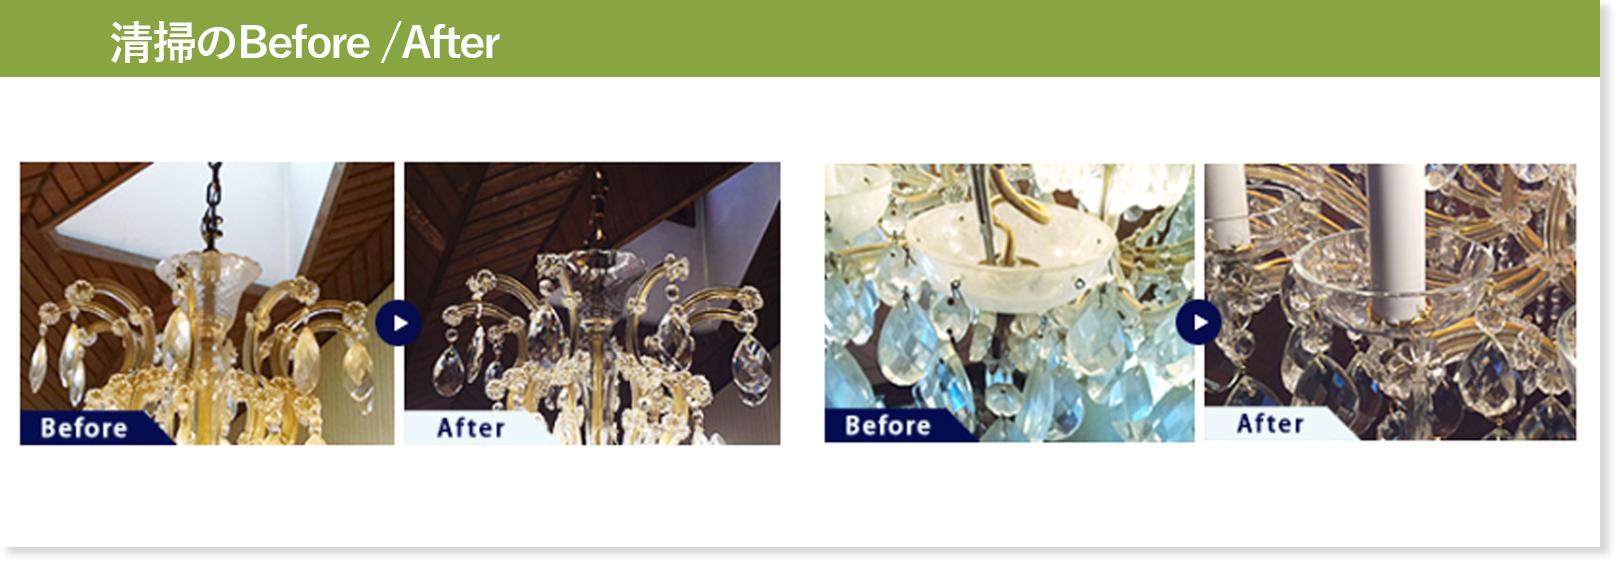 シャンデリア清掃のビフォーアフターの画像